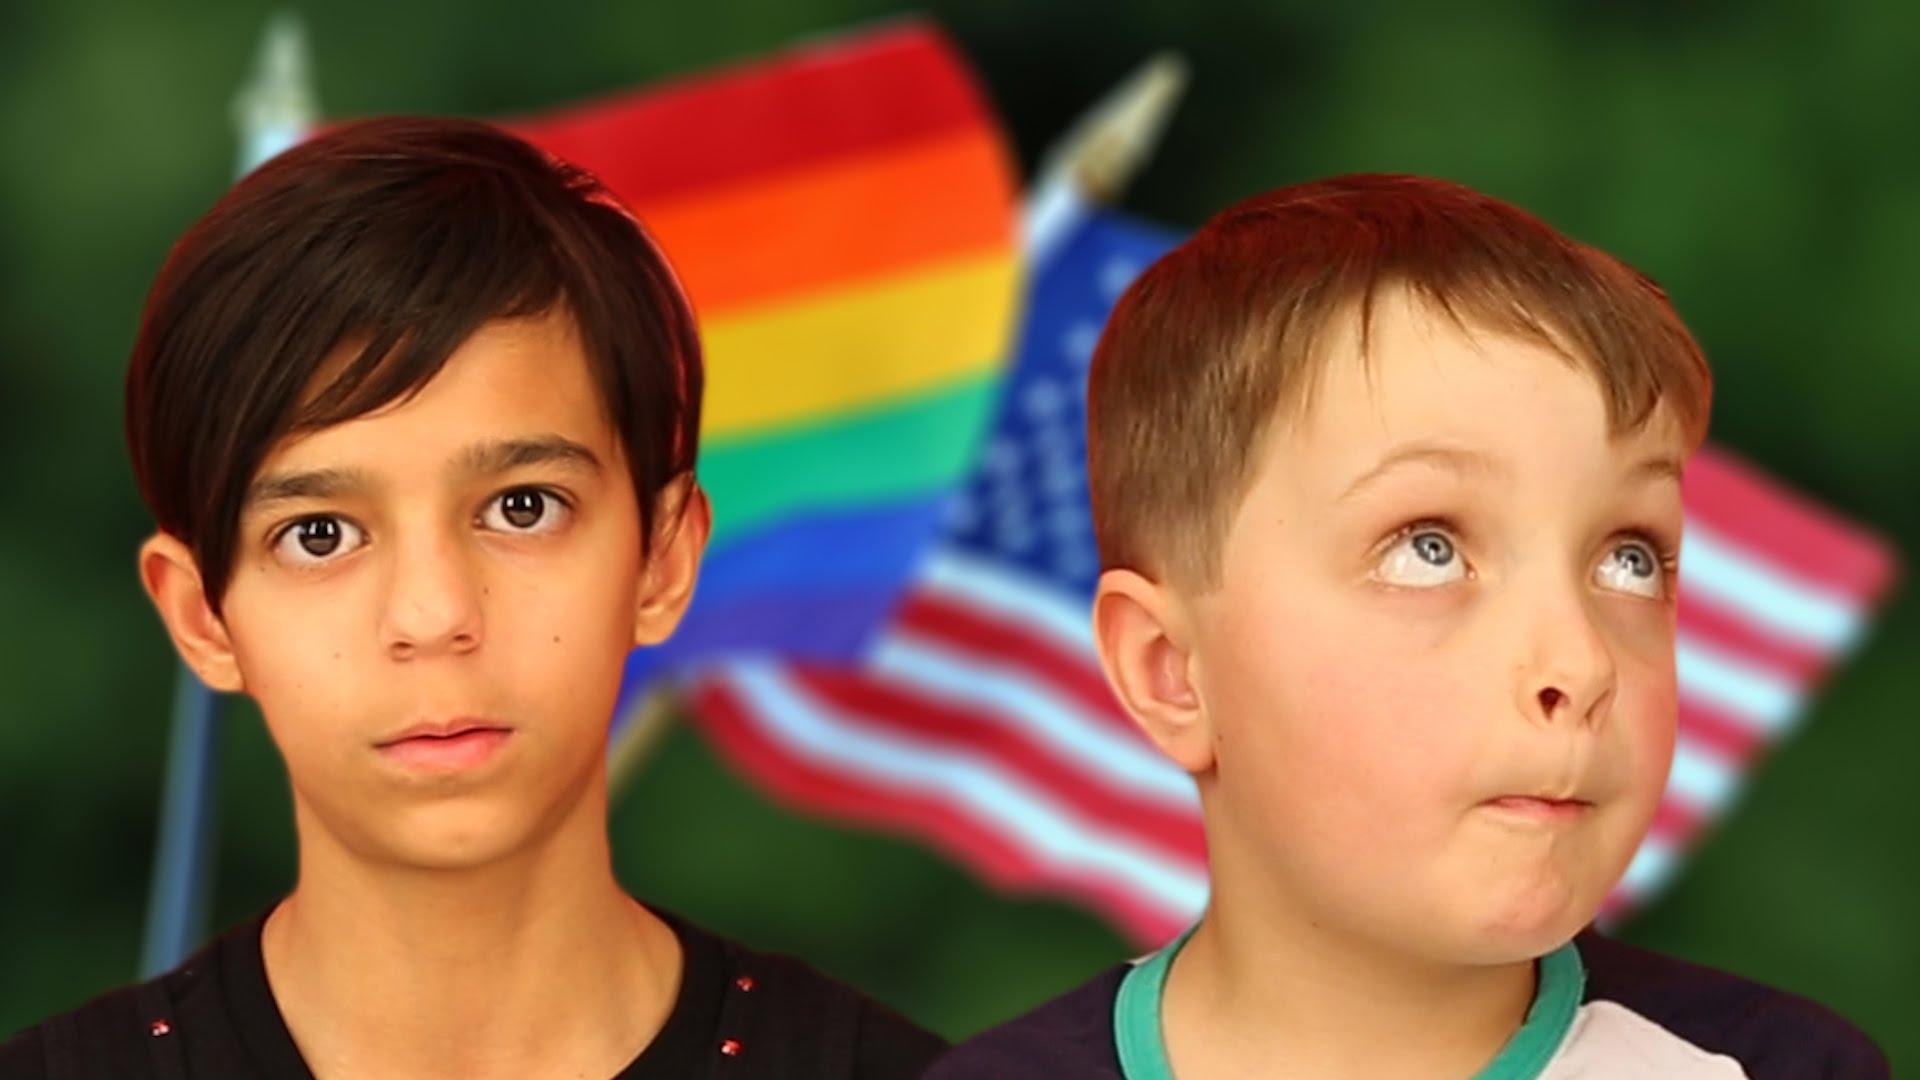 İzleyin: Avustralyalı Çocukların Evlilik Eşitliği Hakkındaki Düşünceleri